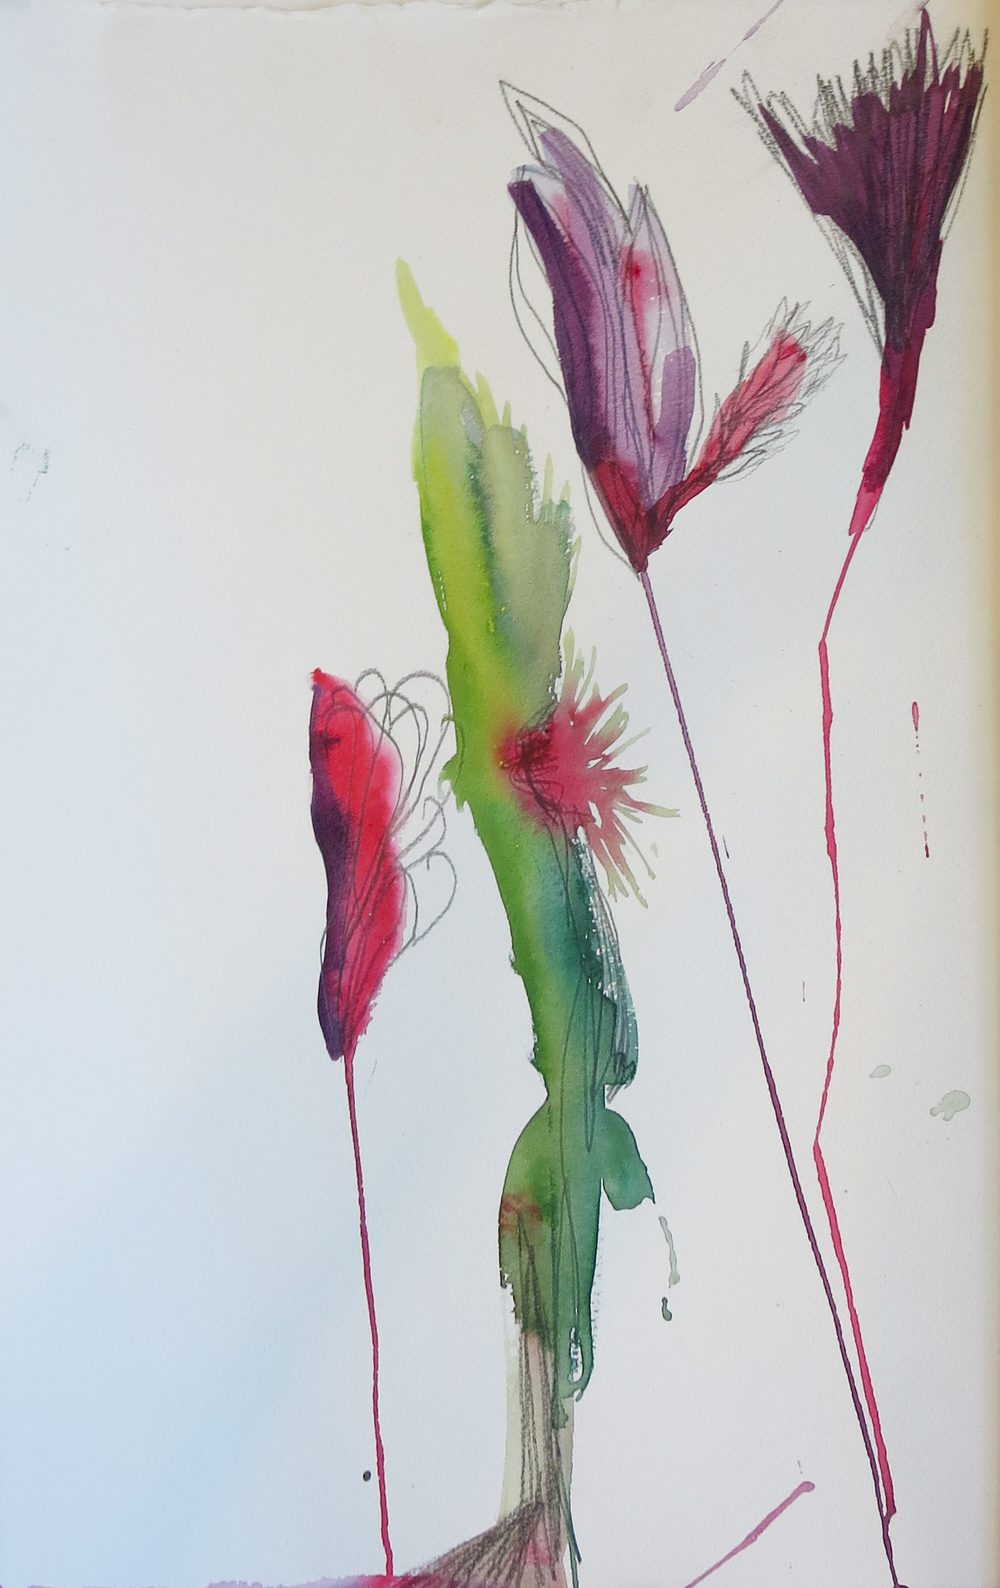 eros painting peinture_41.jpg